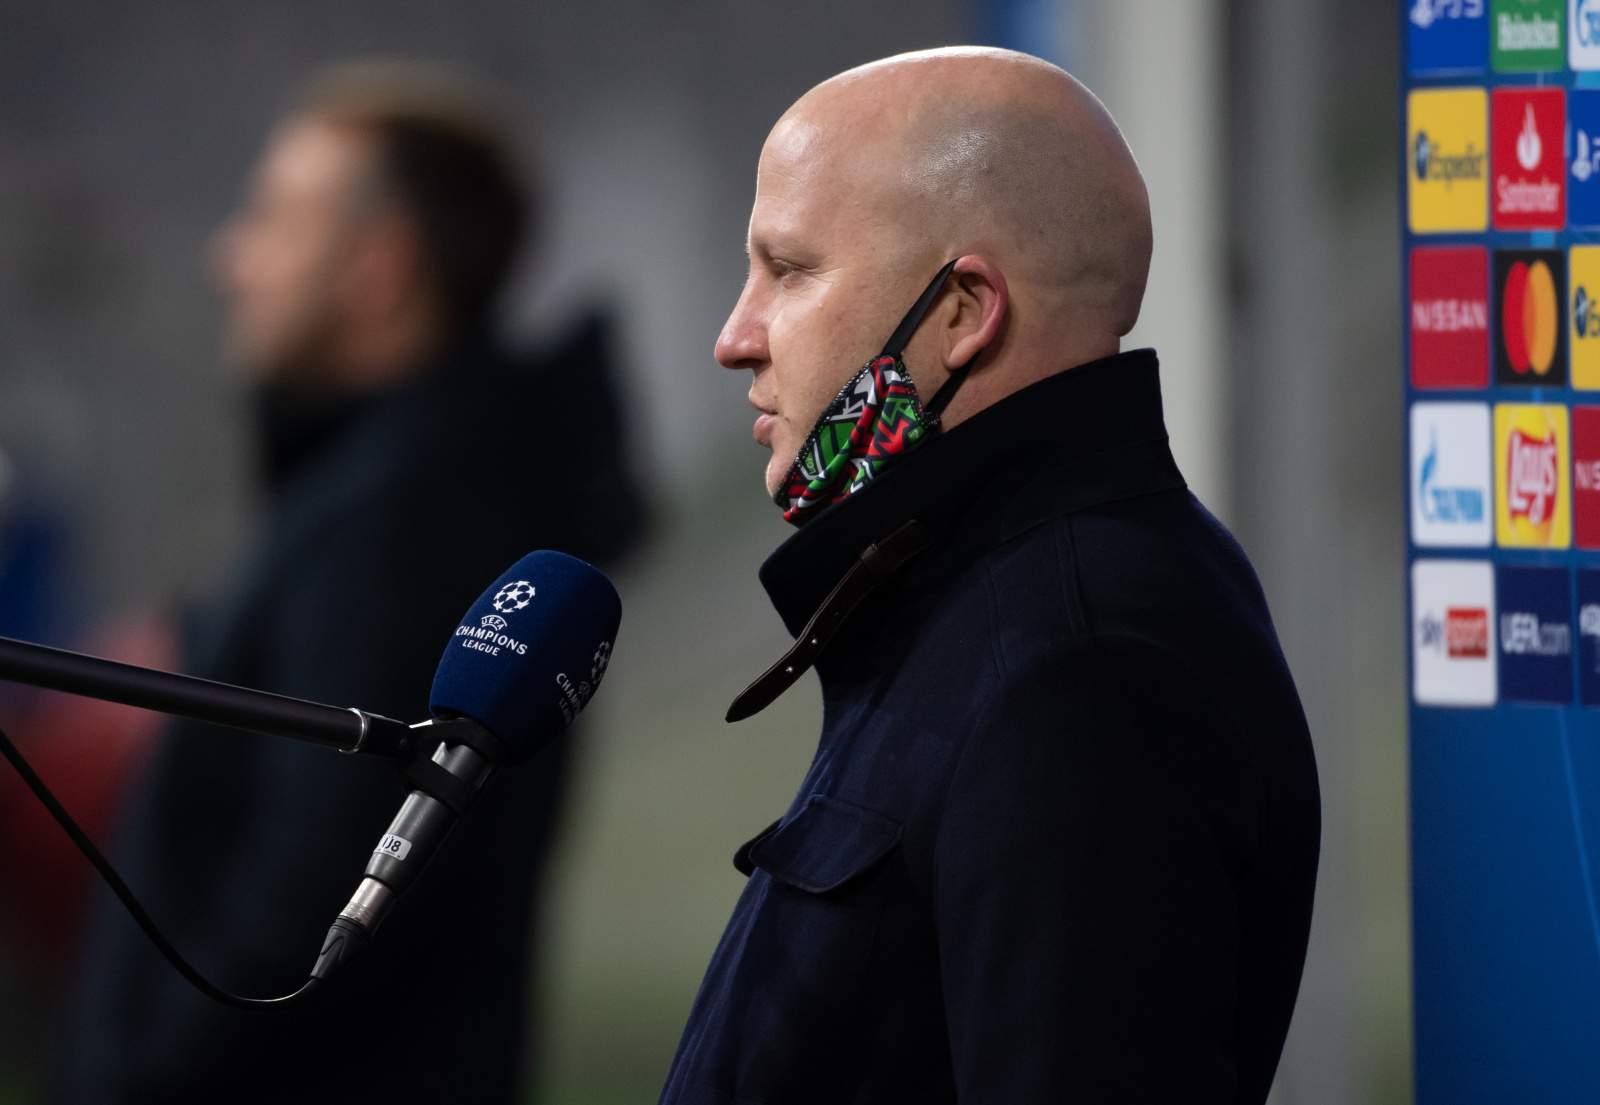 Пенальти, удаление, тусклая игра, гол в концовке: «Локомотив» вытащил себя за волосы в матче с «Марселем»